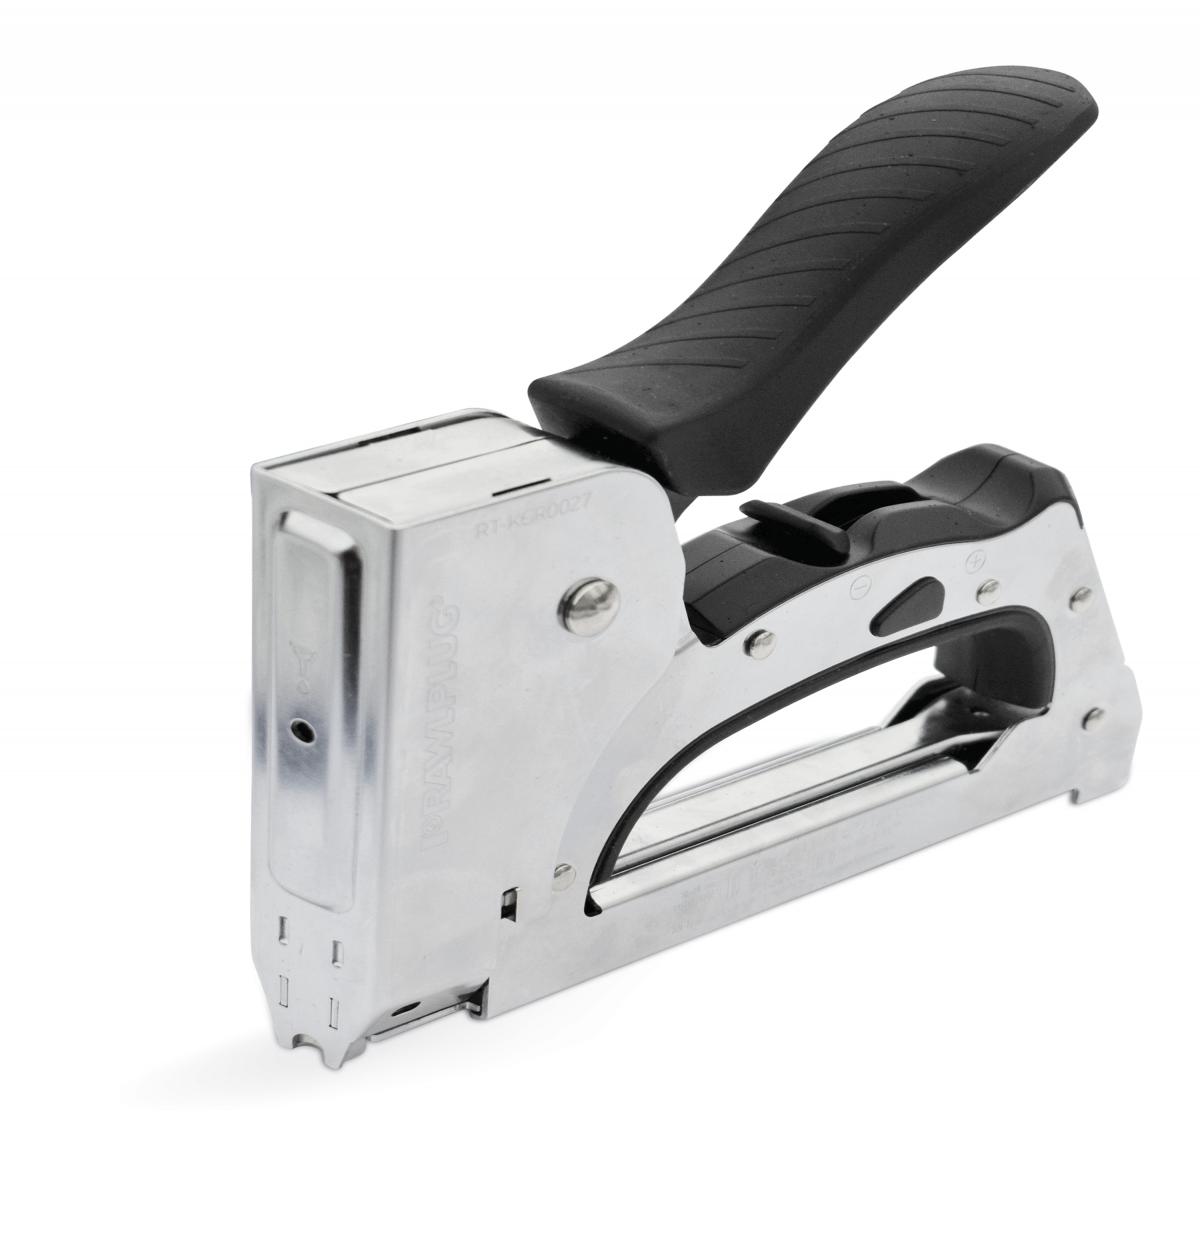 RT-KGR0027 Hand stapler - Cable tacker, 10-14 mm